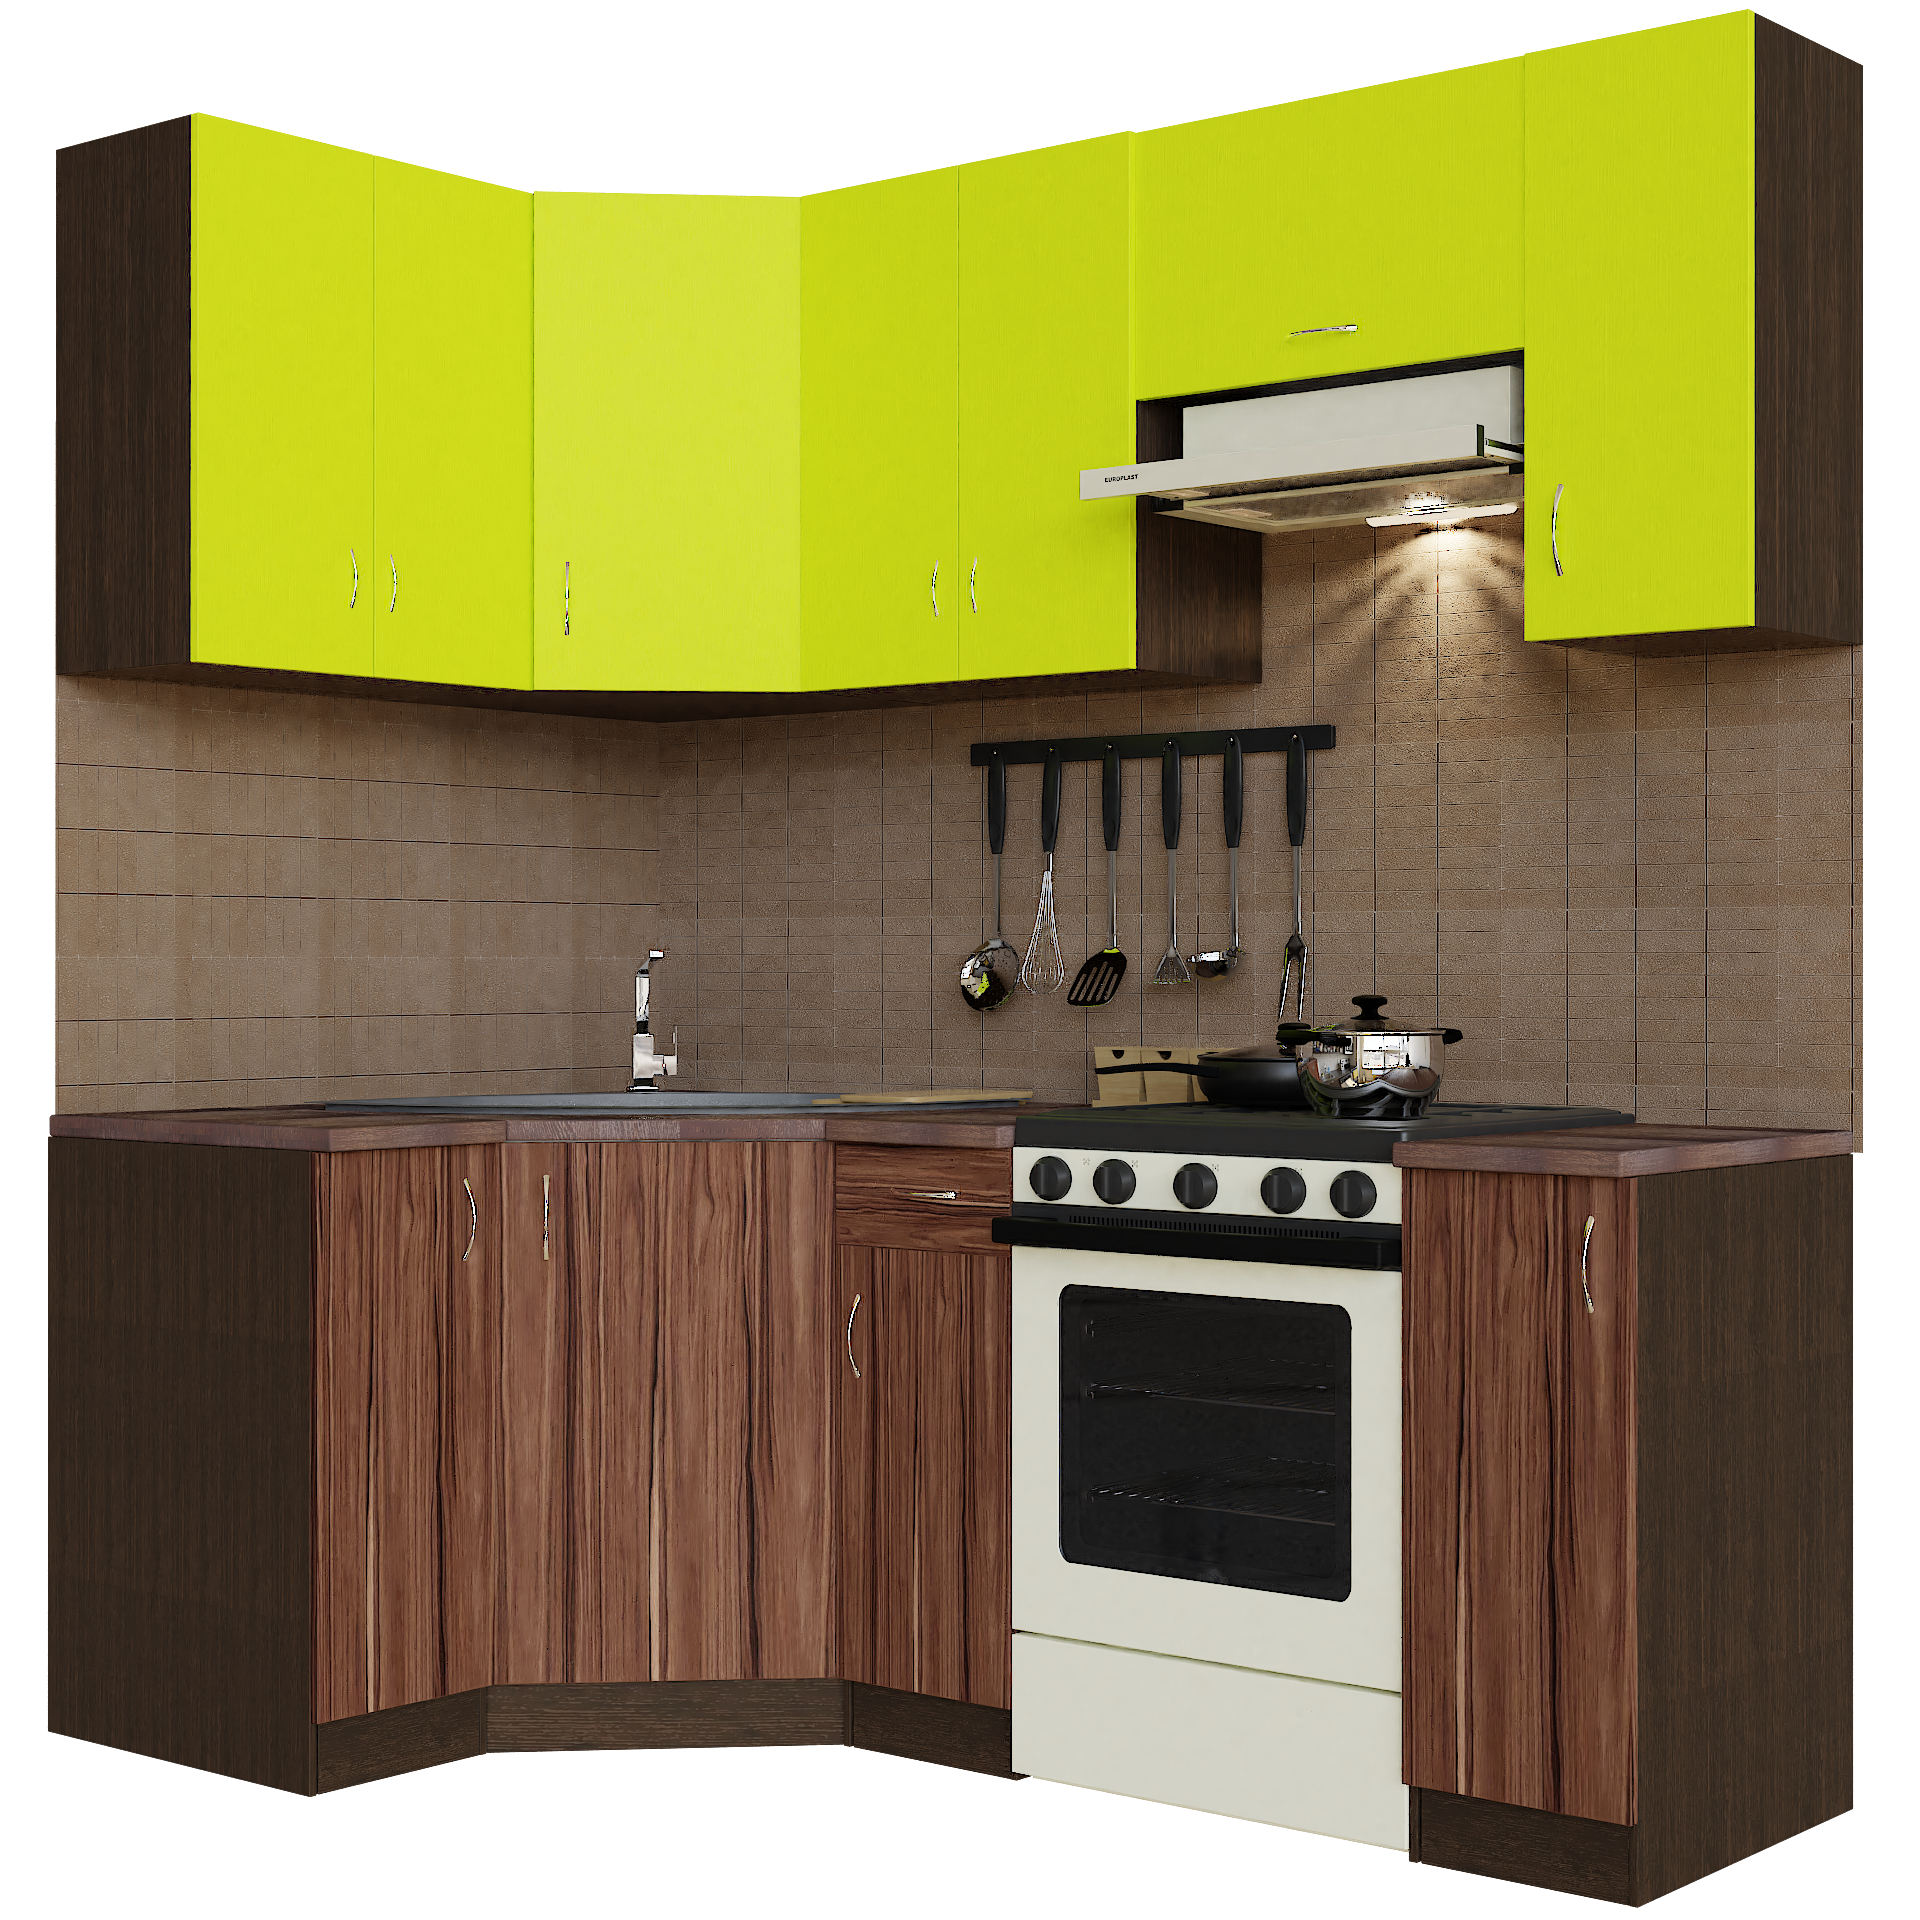 Кухонный гарнитур угловой Sanvut ГКУ2100-3.11_8.1 Венге / Лайм / Венге / Эбони темный